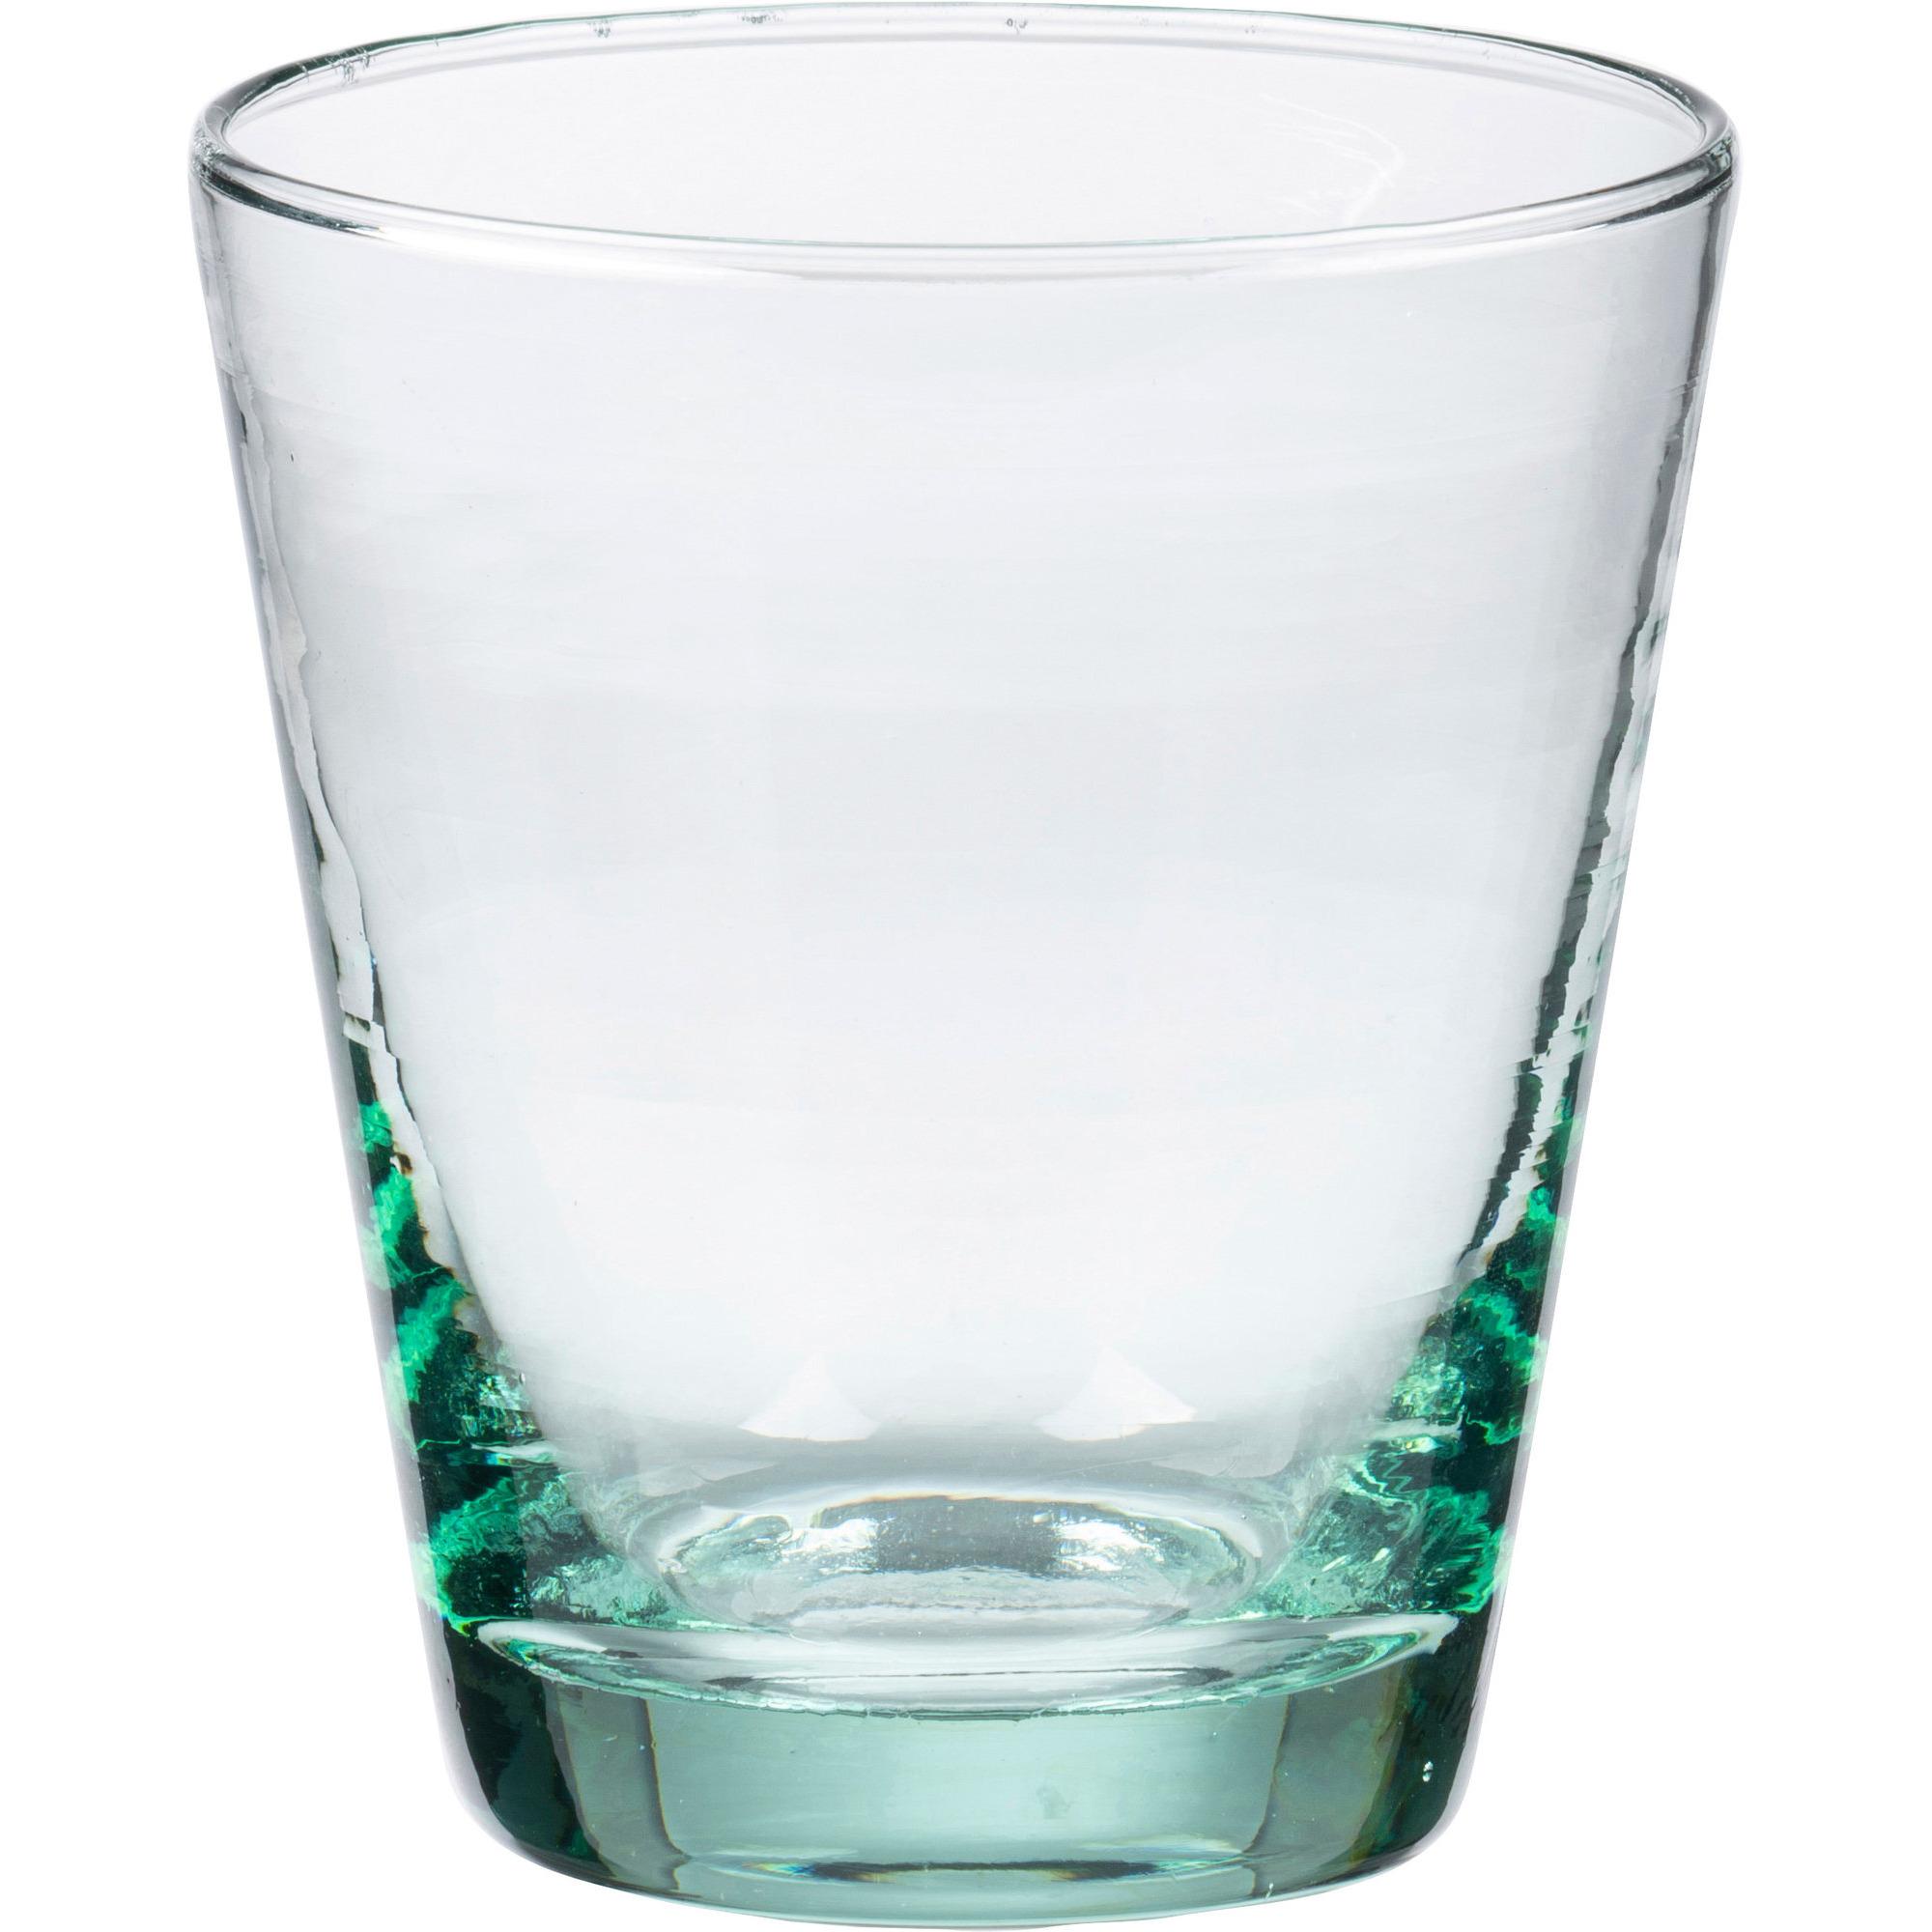 Bitz Vattenglas 30cl Grön